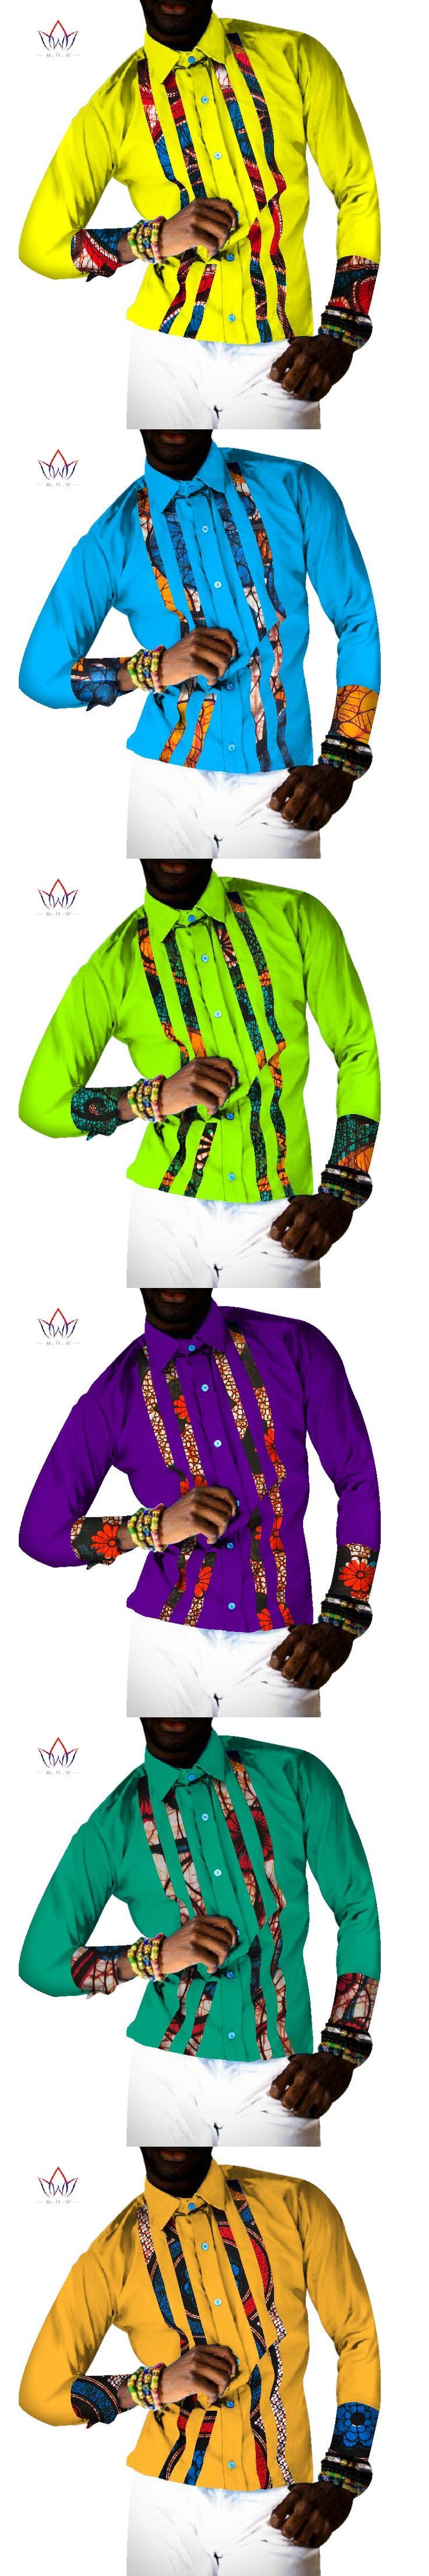 BRW 2017 Fashion African Shirt For Men Dashiki Long Sleeve Top African Clothing Bazin Free Shipping Blazer Men Outfits WYN343